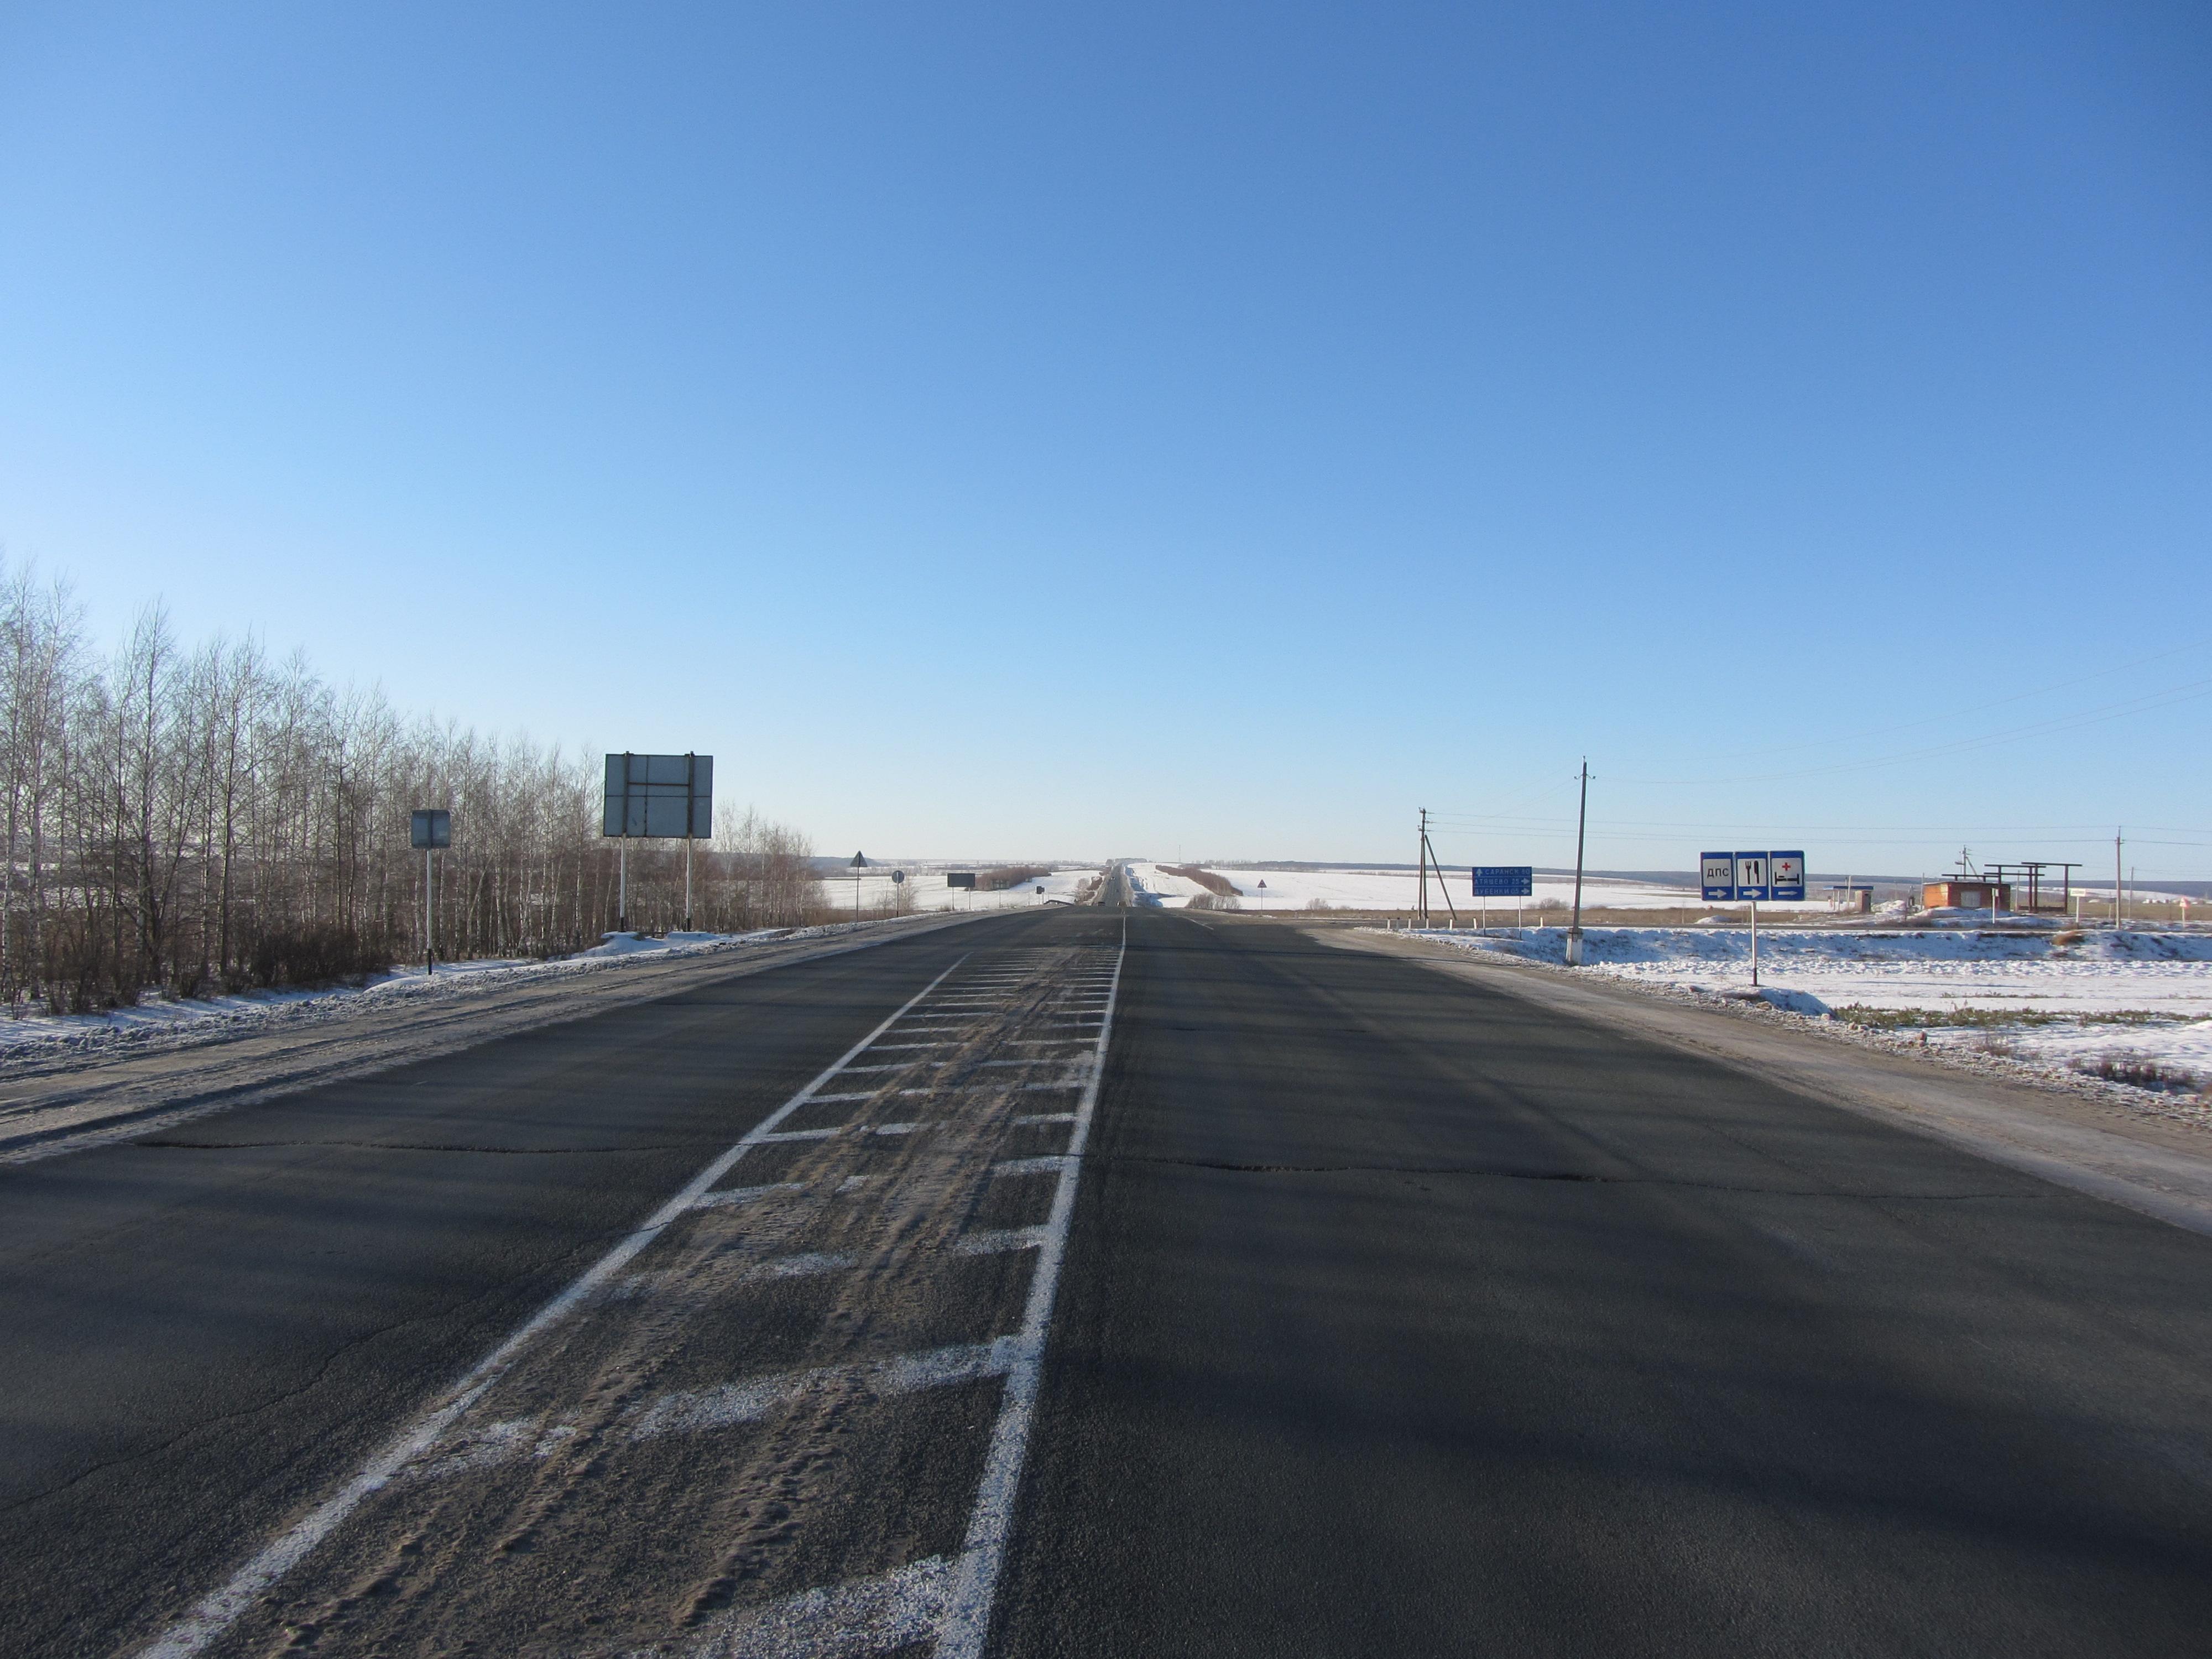 Автодорога Р178 возле посёлка Дубёнки, Мордовия.jpg